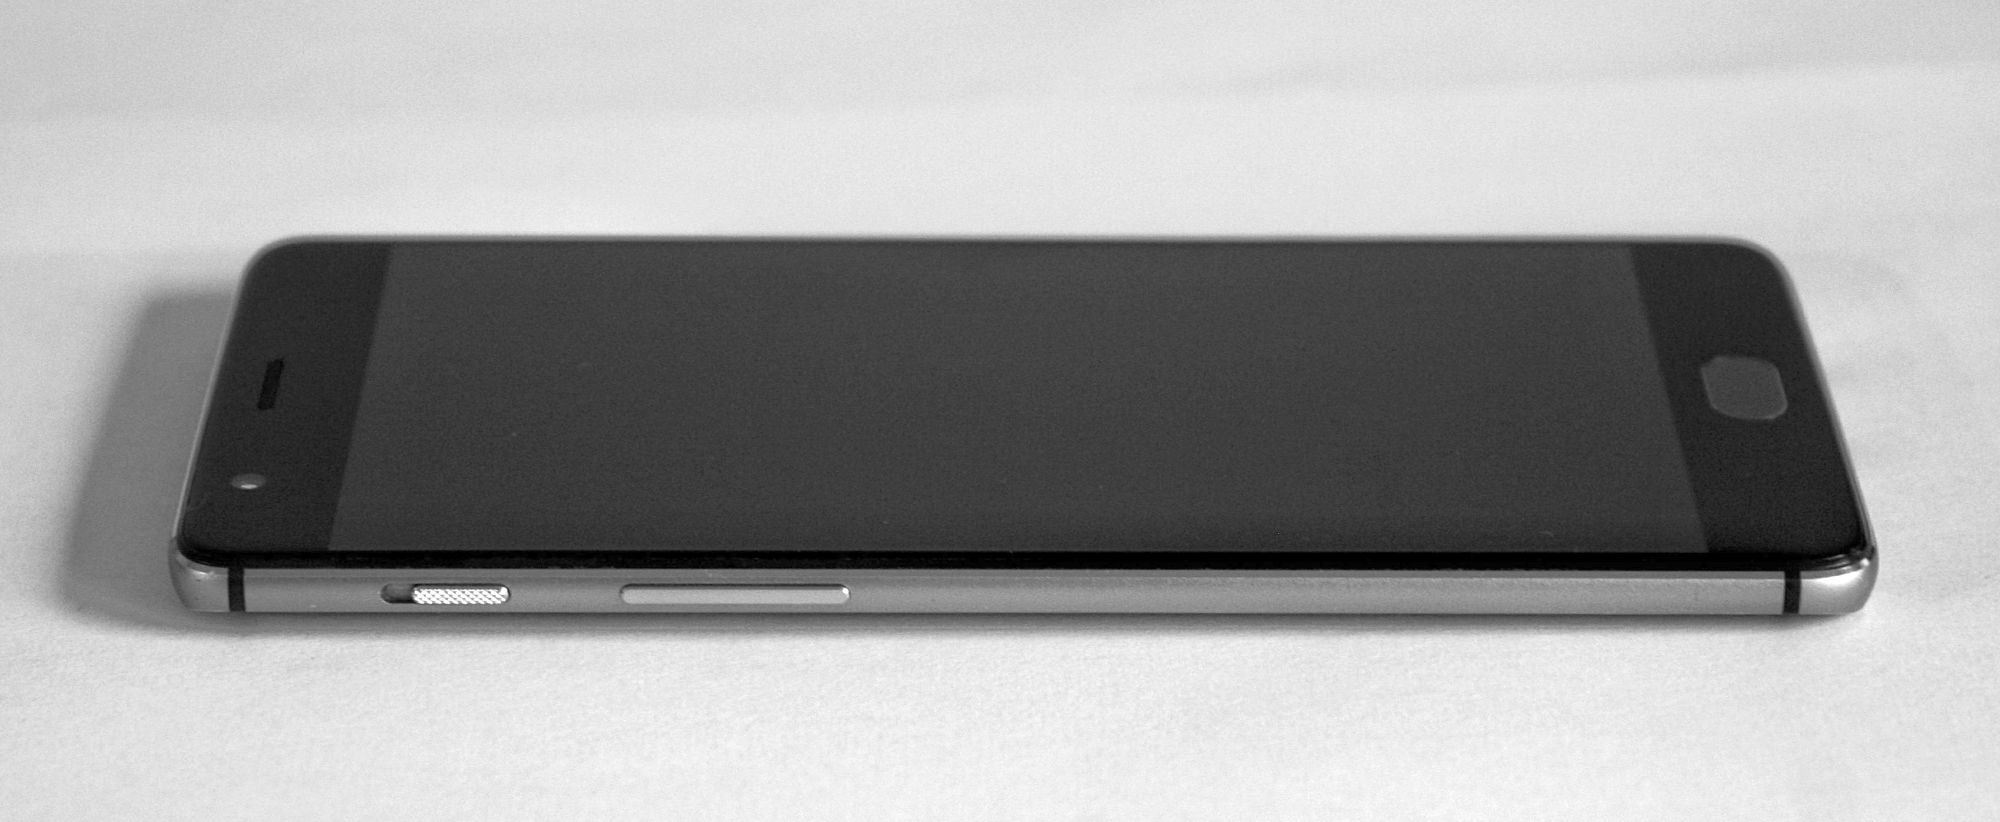 Tabletowo.pl OnePlus 3 - recenzja po siedmiu miesiącach użytkowania. Zdecydowanie kupiłbym go ponownie Android OnePlus Recenzje Smartfony